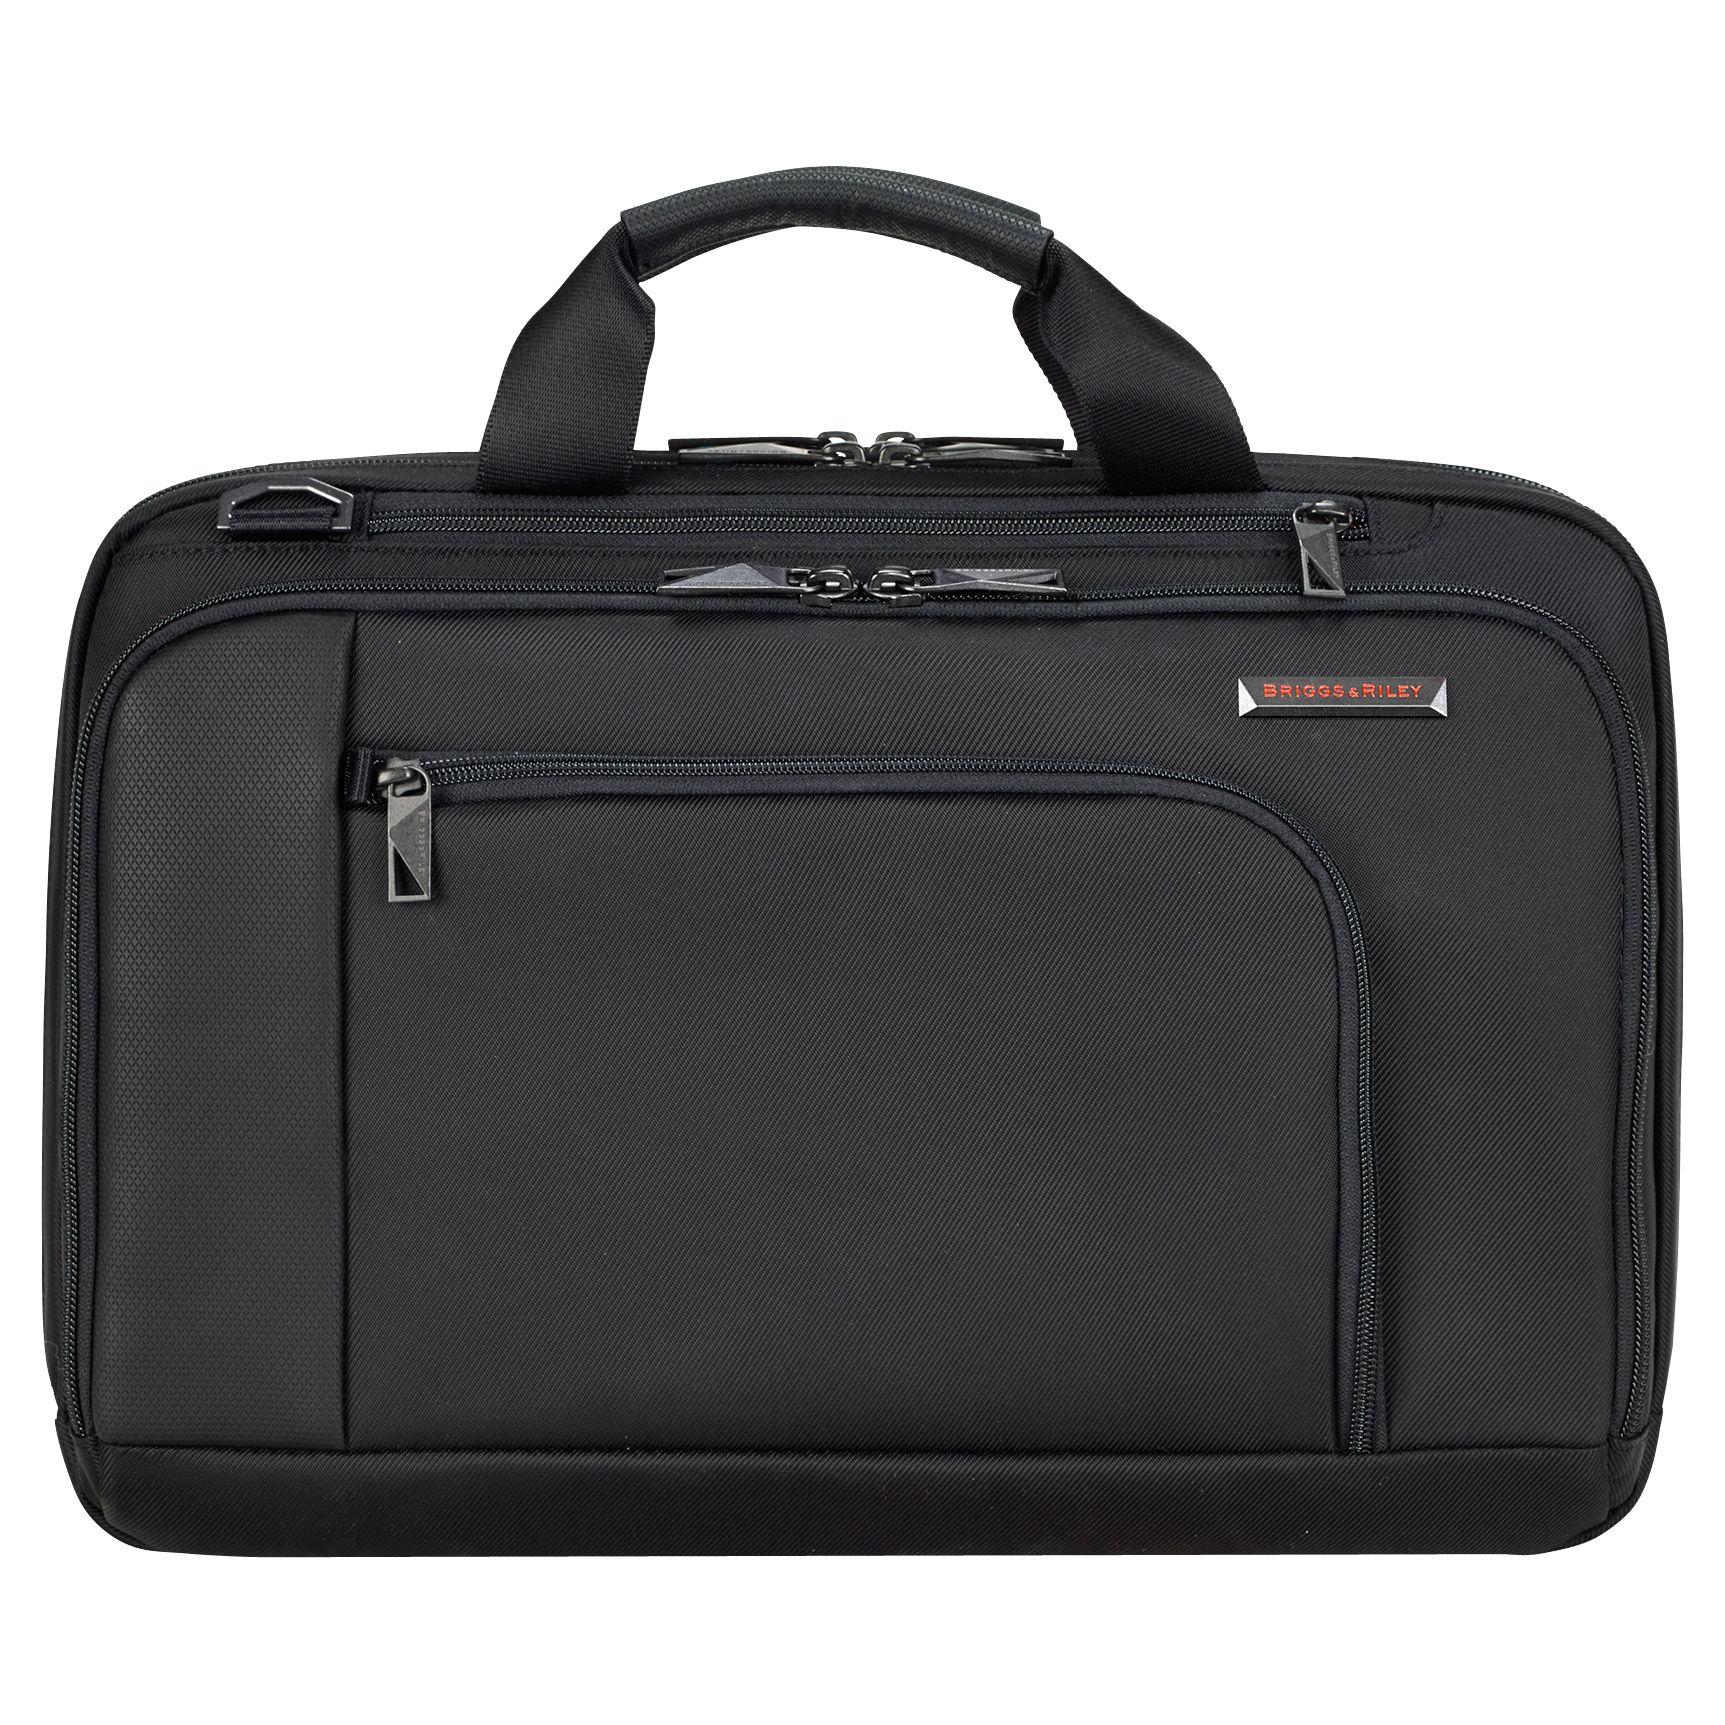 Briggs & Riley Briggs & Riley Verb Contact 15 Laptop Briefcase, Black